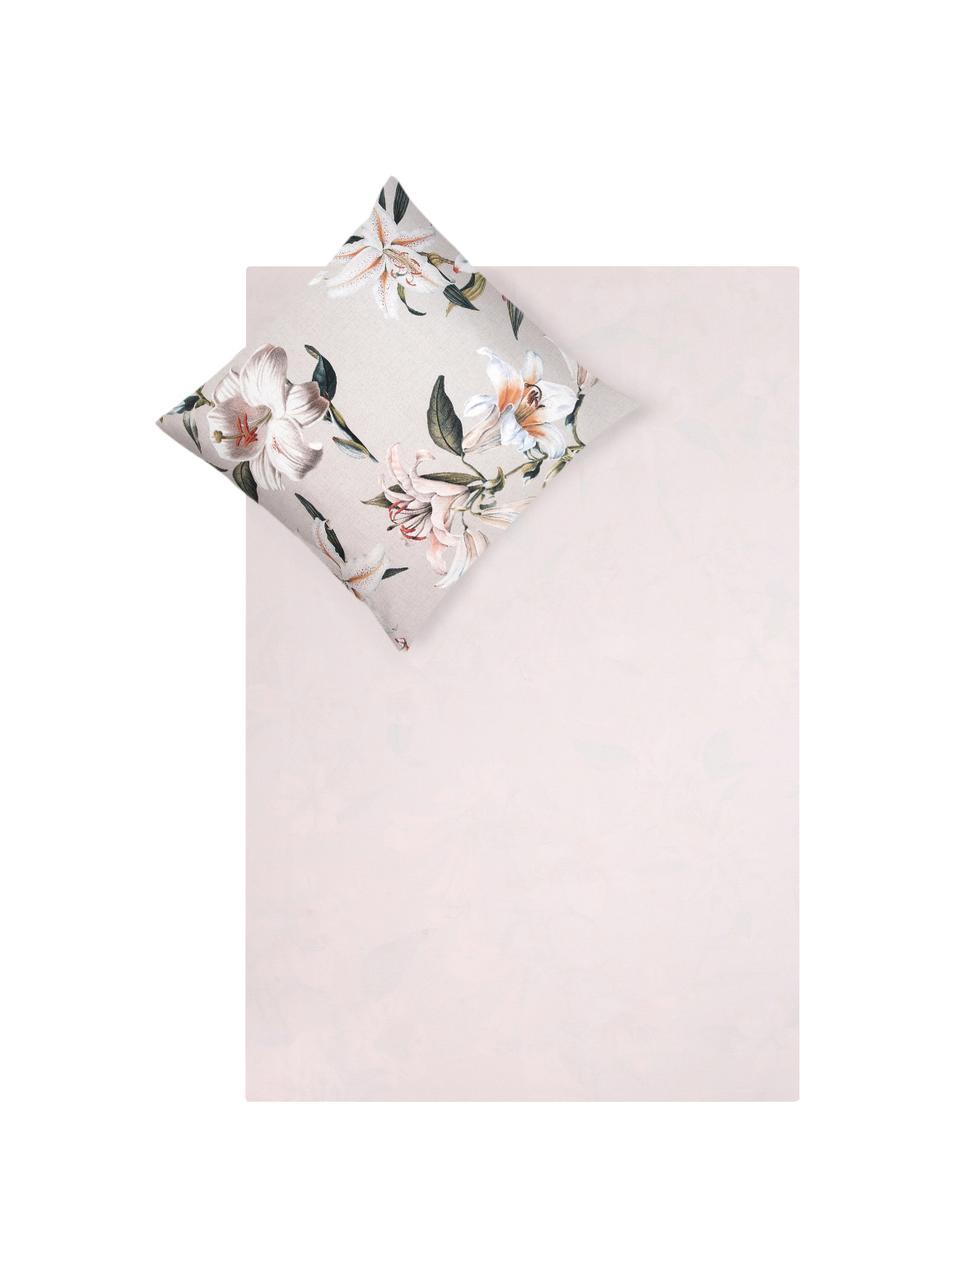 Pościel z satyny bawełnianej Flori, Przód: beżowy, kremowobiały Tył: beżowy, 240 x 220 cm + 2 poduszki 80 x 80 cm